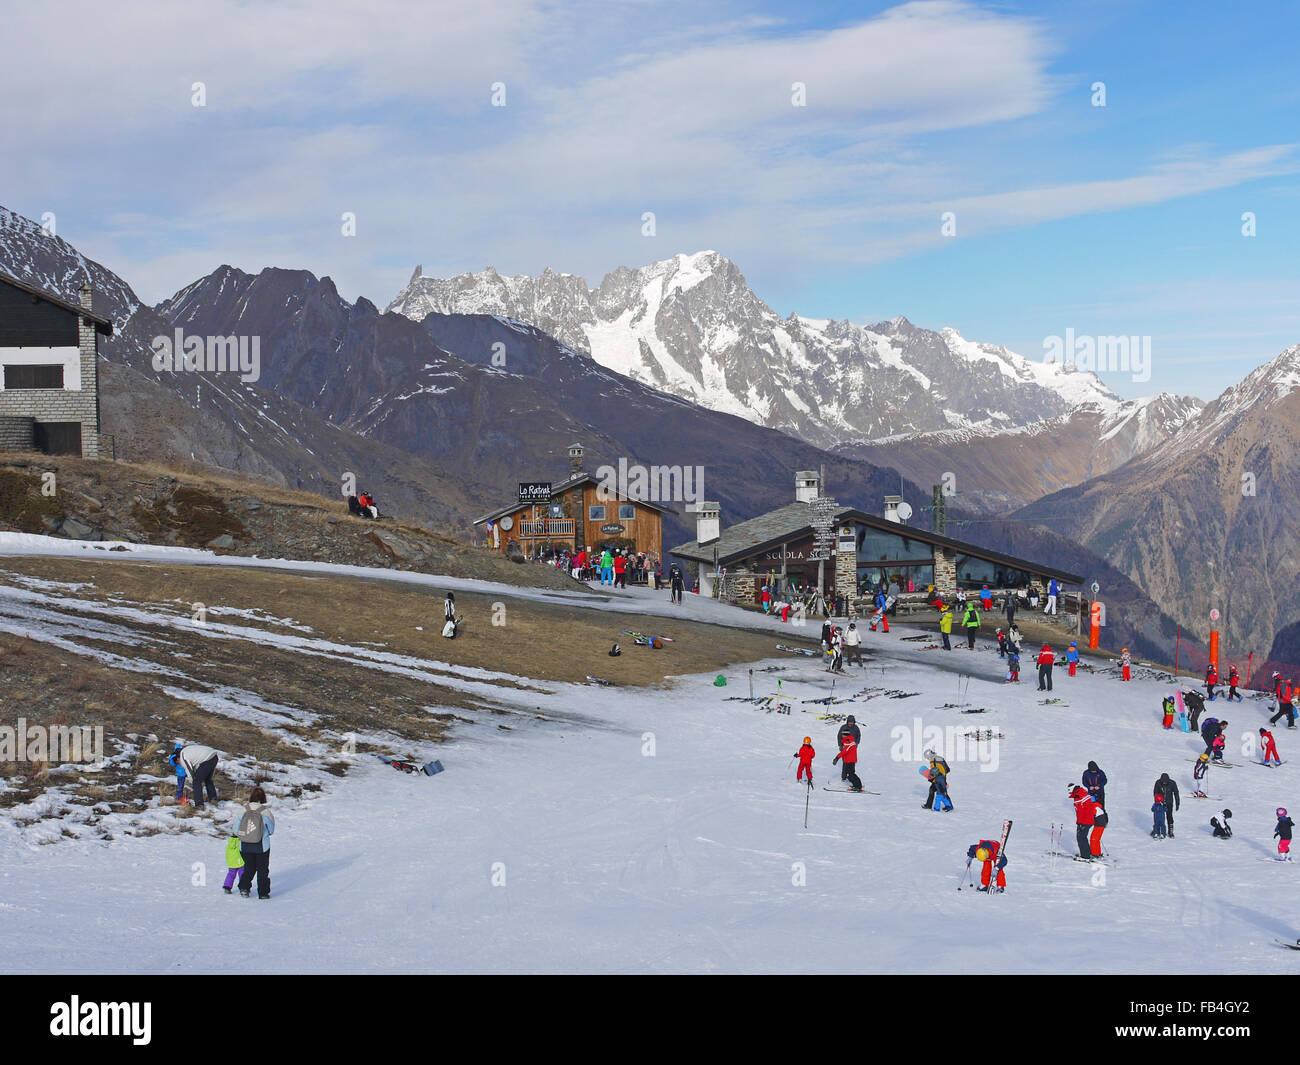 La Thuile Italien Skigebiet im Dezember 2015 zeigt den extremen Mangel an Schnee in Europa für Wintersport Stockbild